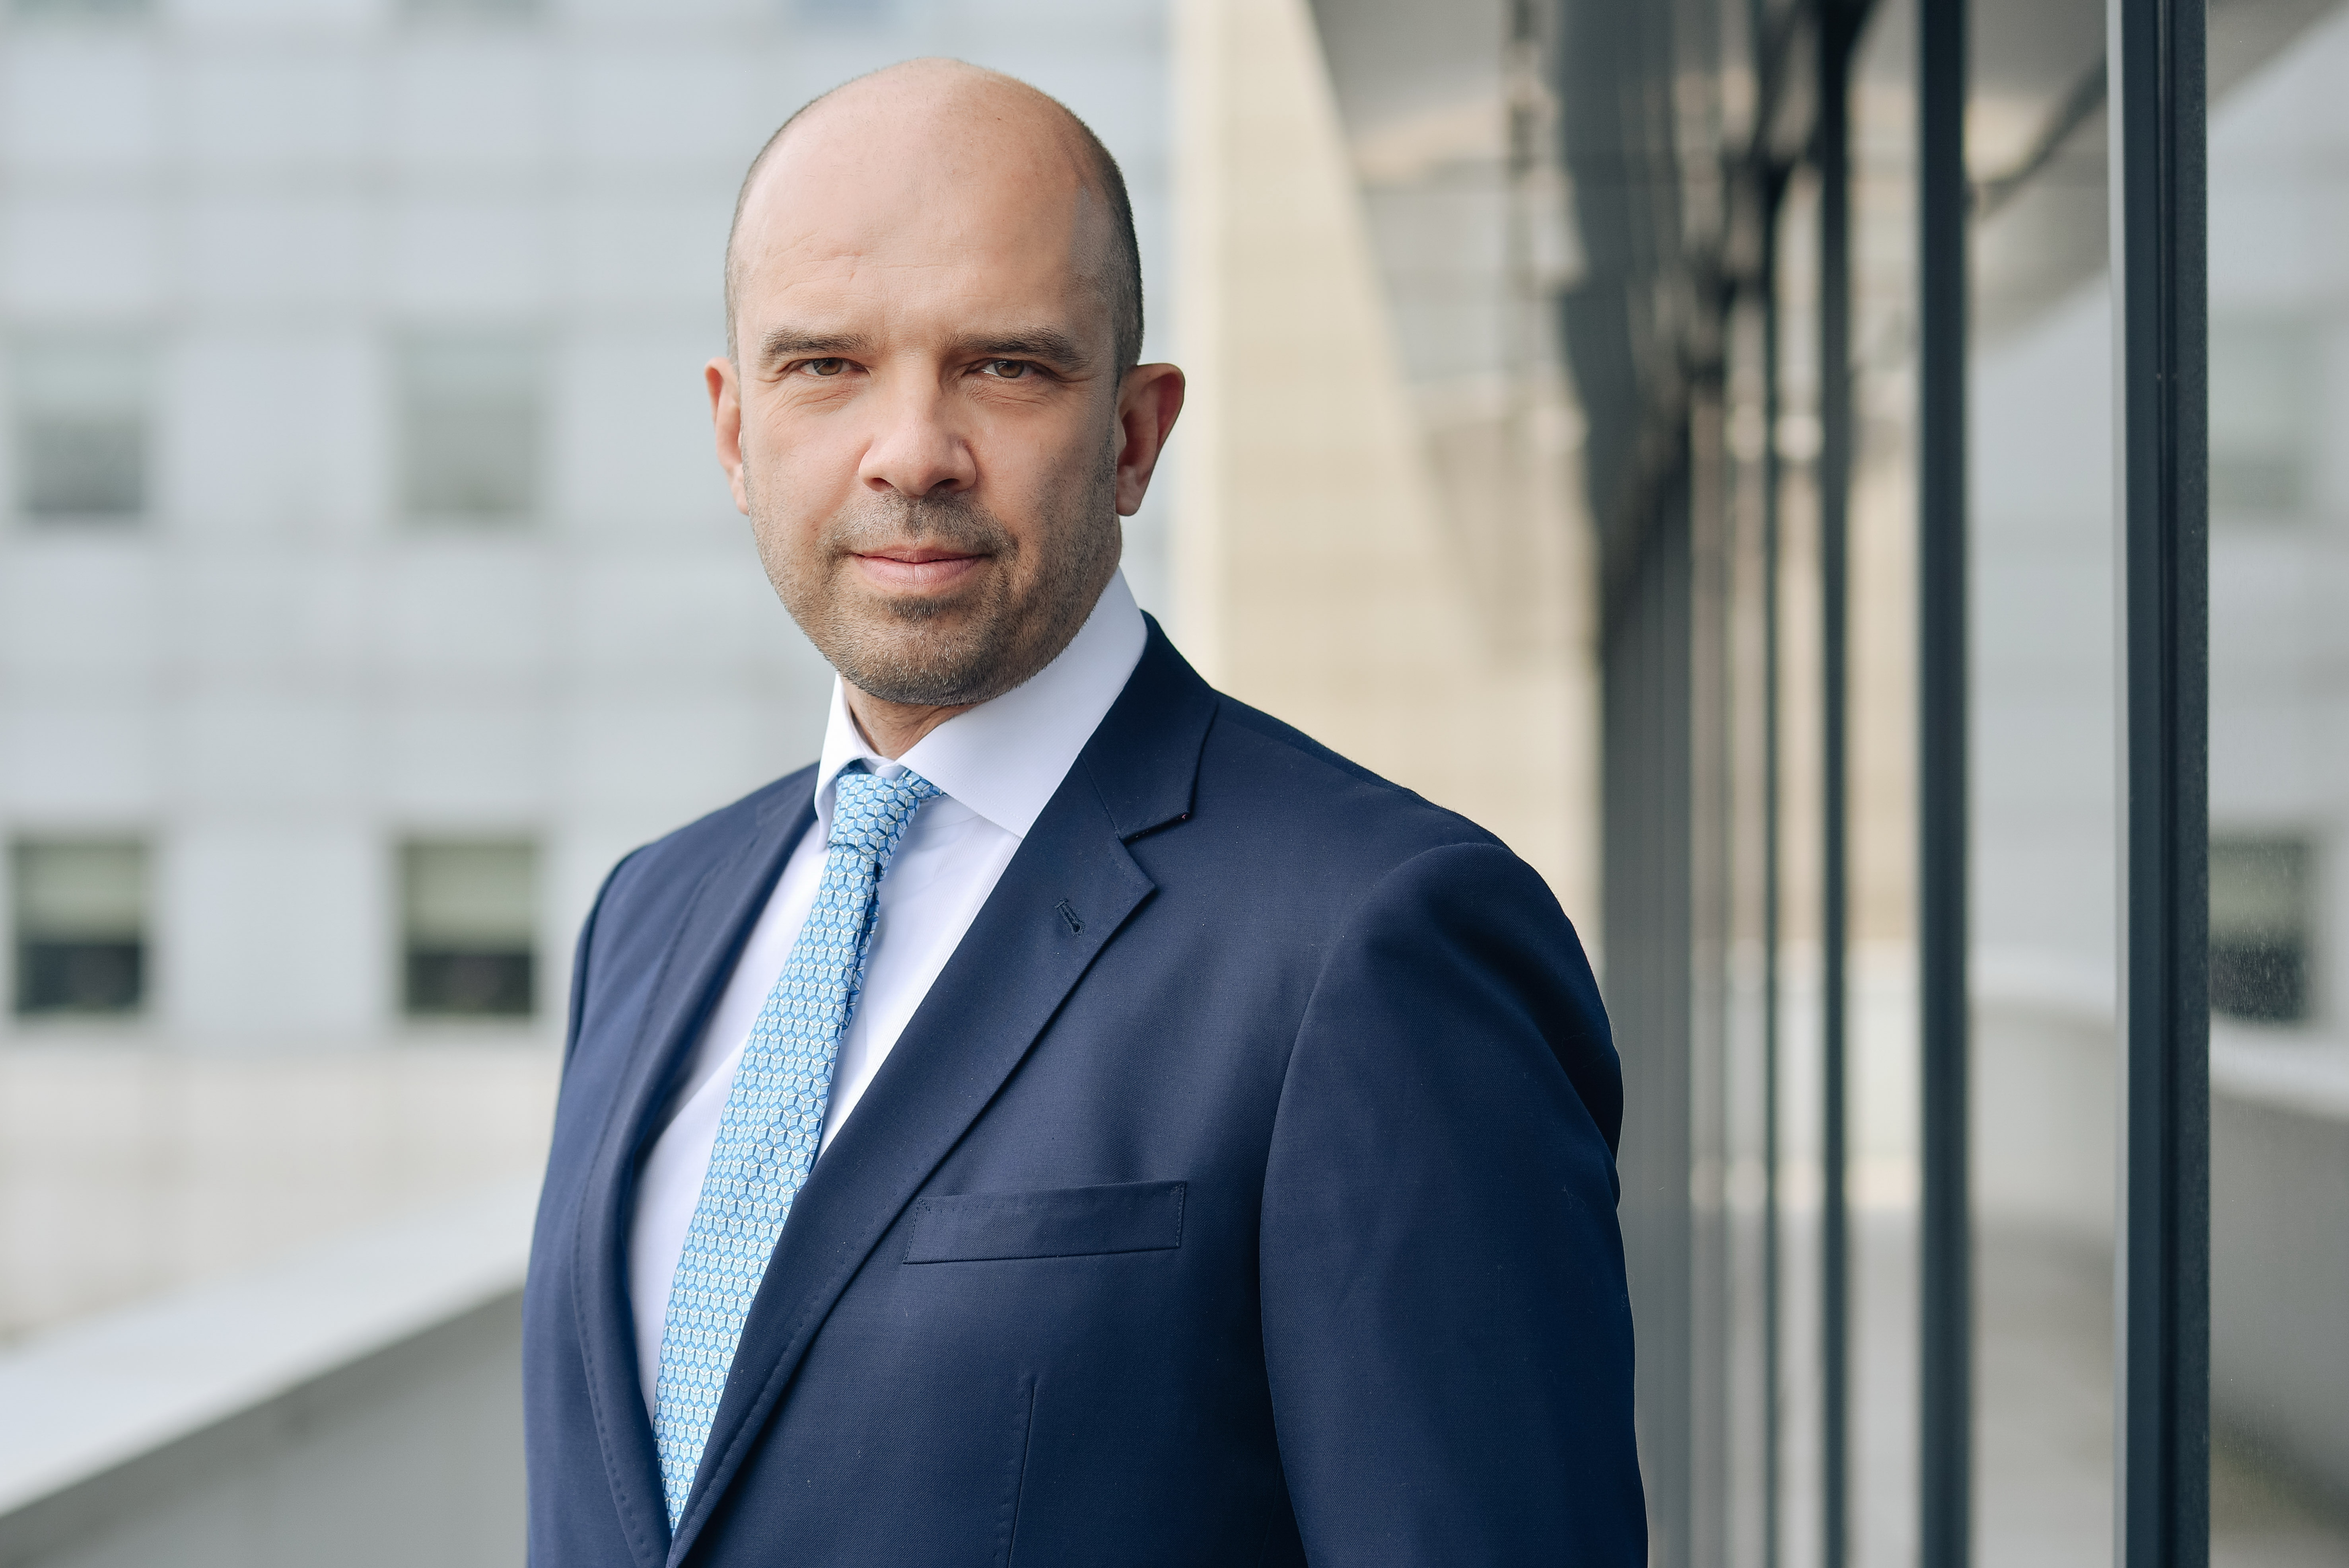 Studiu Deloitte: Liderii de business se așteaptă ca automatizarea să dezvolte forța de muncă cu 27% în următorii trei ani